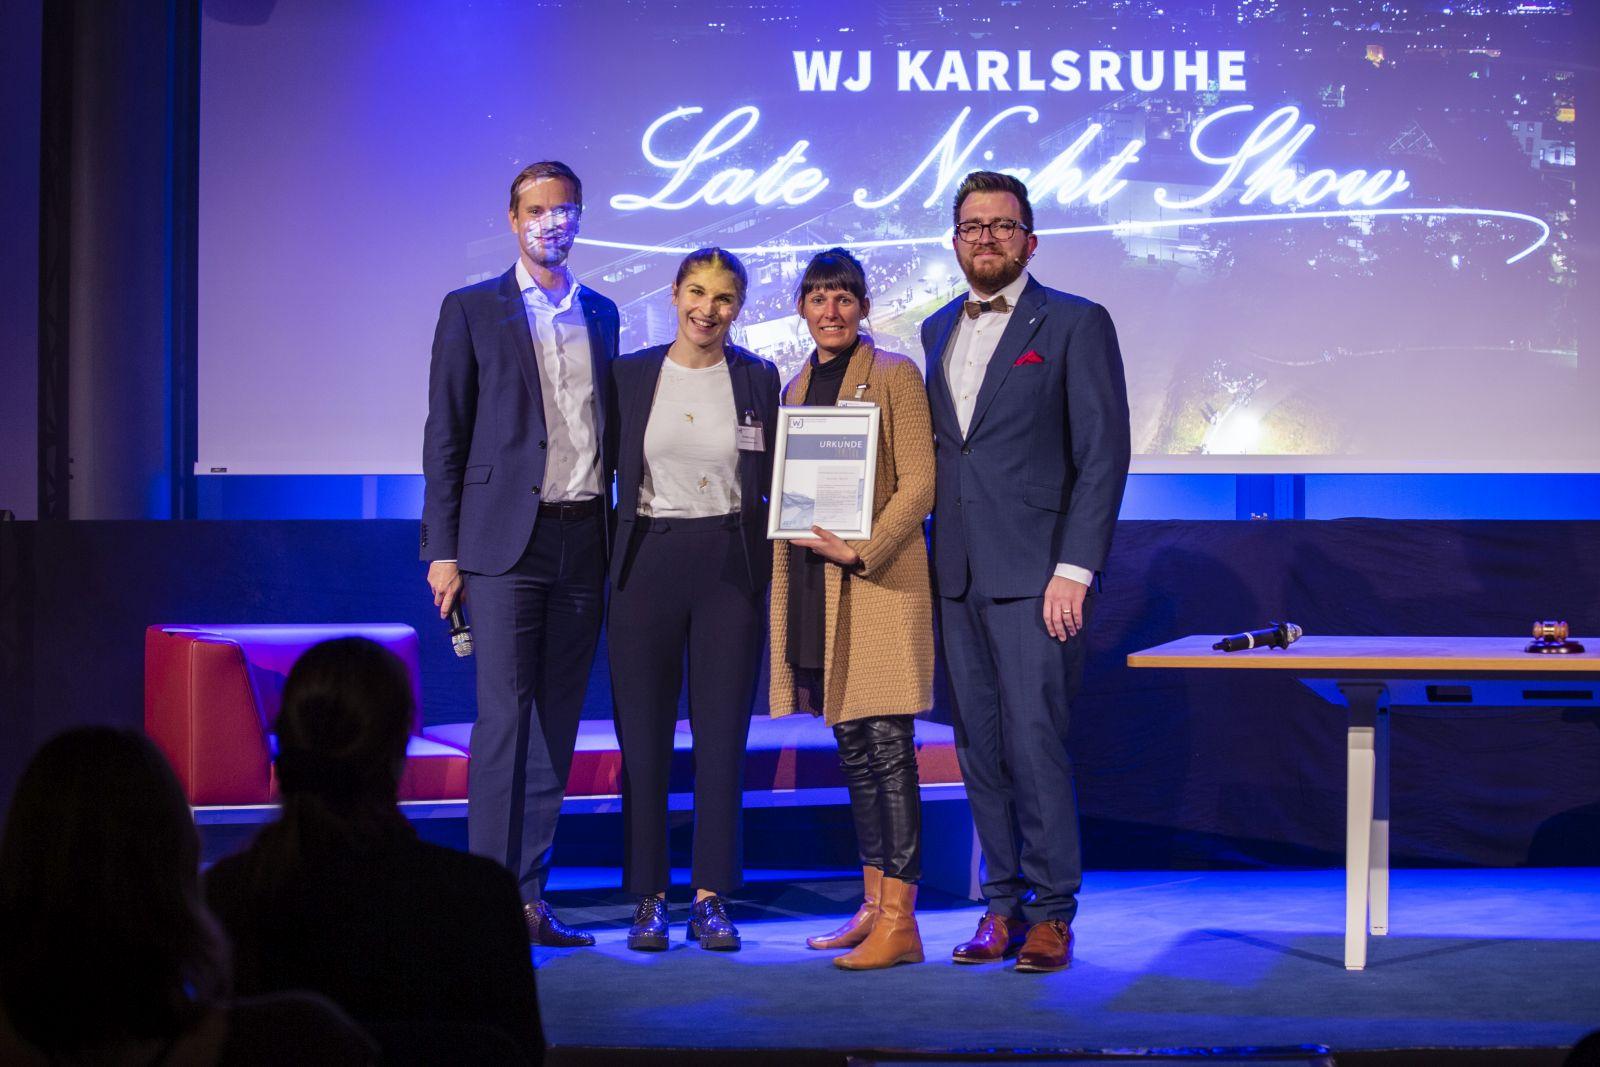 JHV 2019 Jahreshauptversammlung in der IHK mit Christine Lang Daniel Stöck bei der Verleihung des Rising Star awards